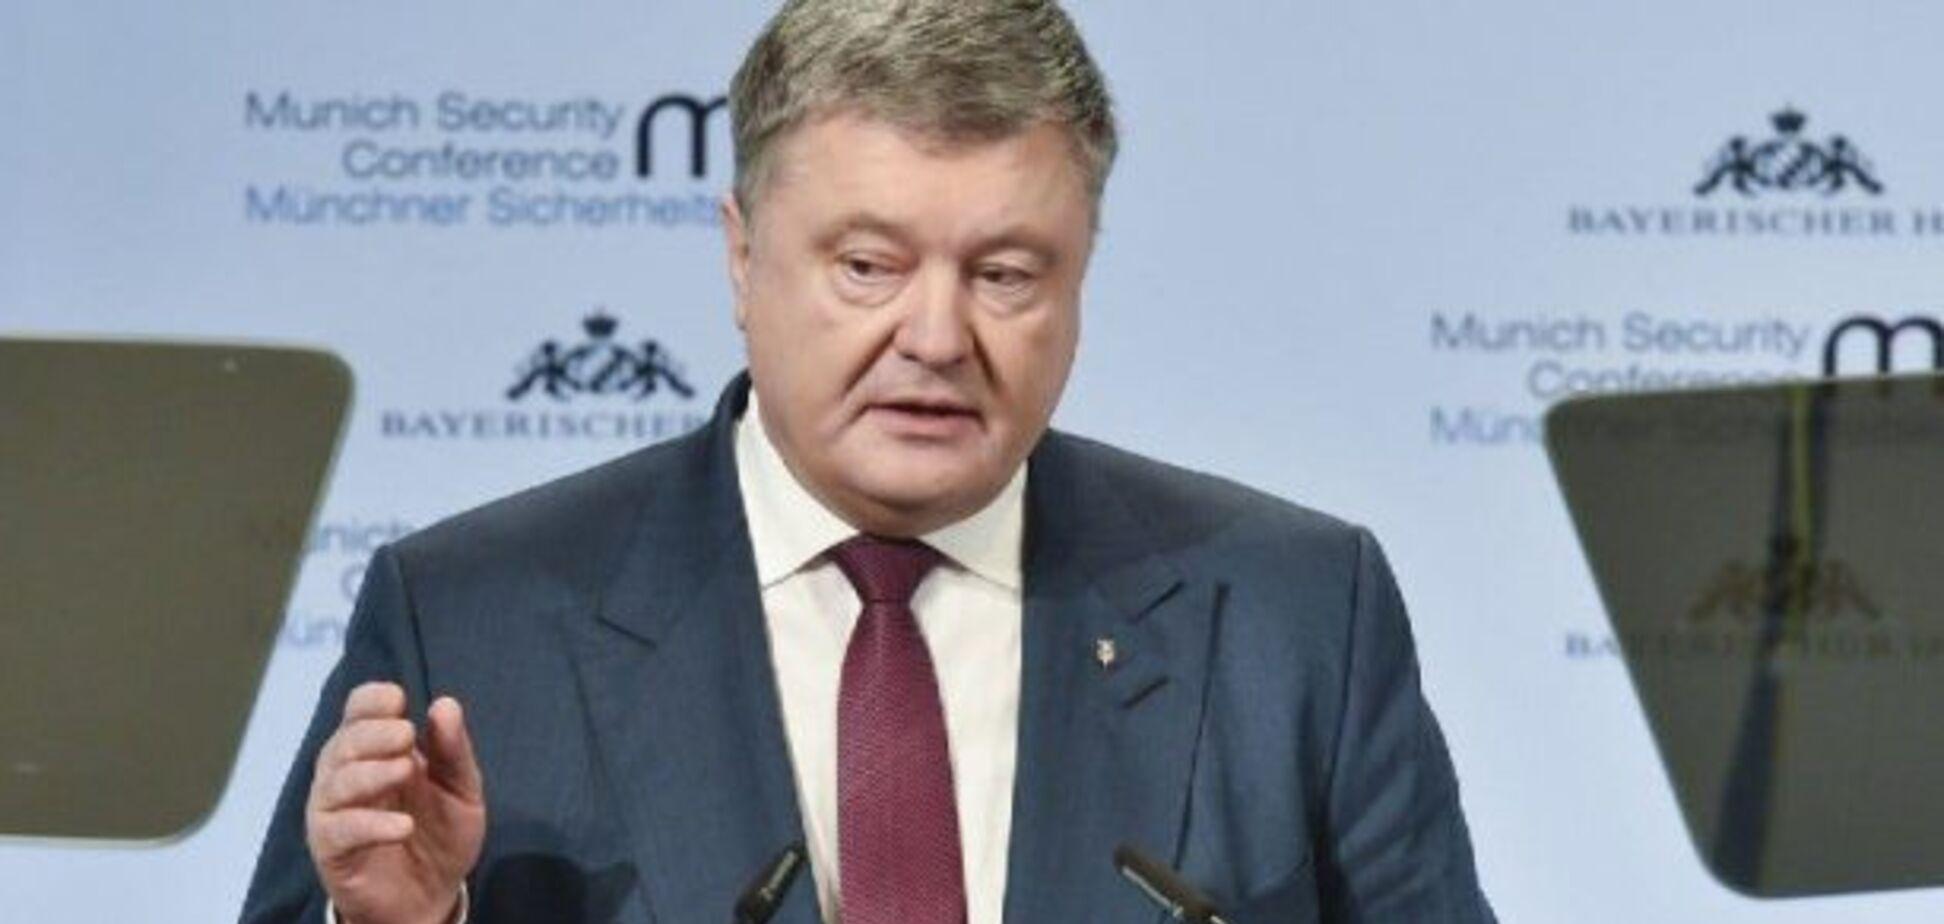 Порошенко озвучив втрати ЗСУ за весь час війни на Донбасі